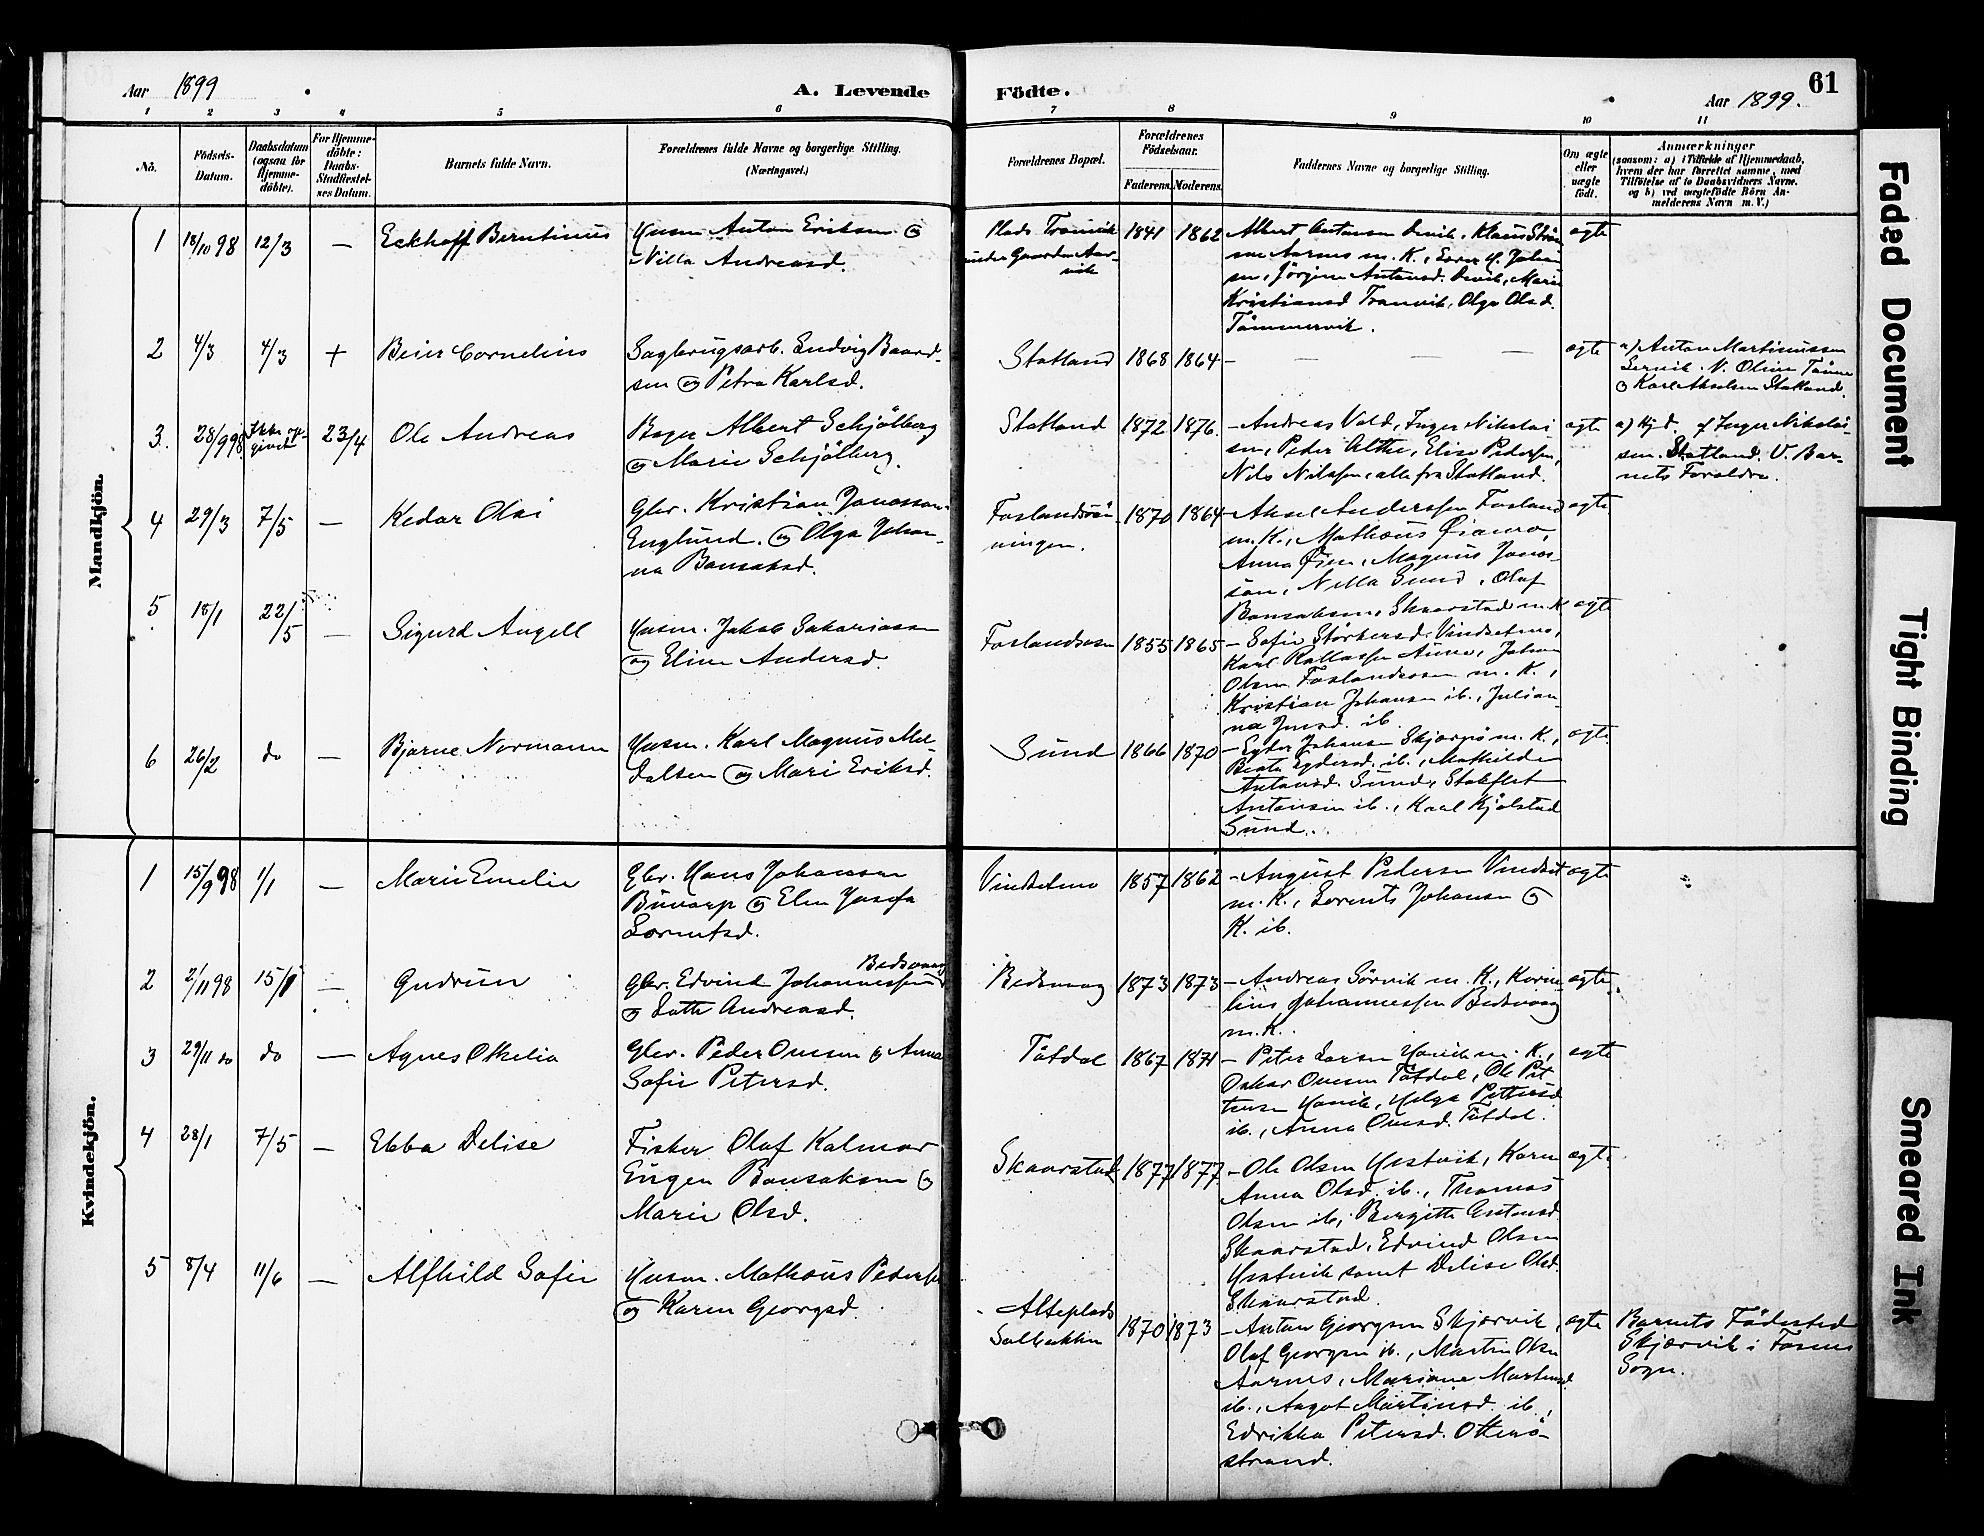 SAT, Ministerialprotokoller, klokkerbøker og fødselsregistre - Nord-Trøndelag, 774/L0628: Ministerialbok nr. 774A02, 1887-1903, s. 61